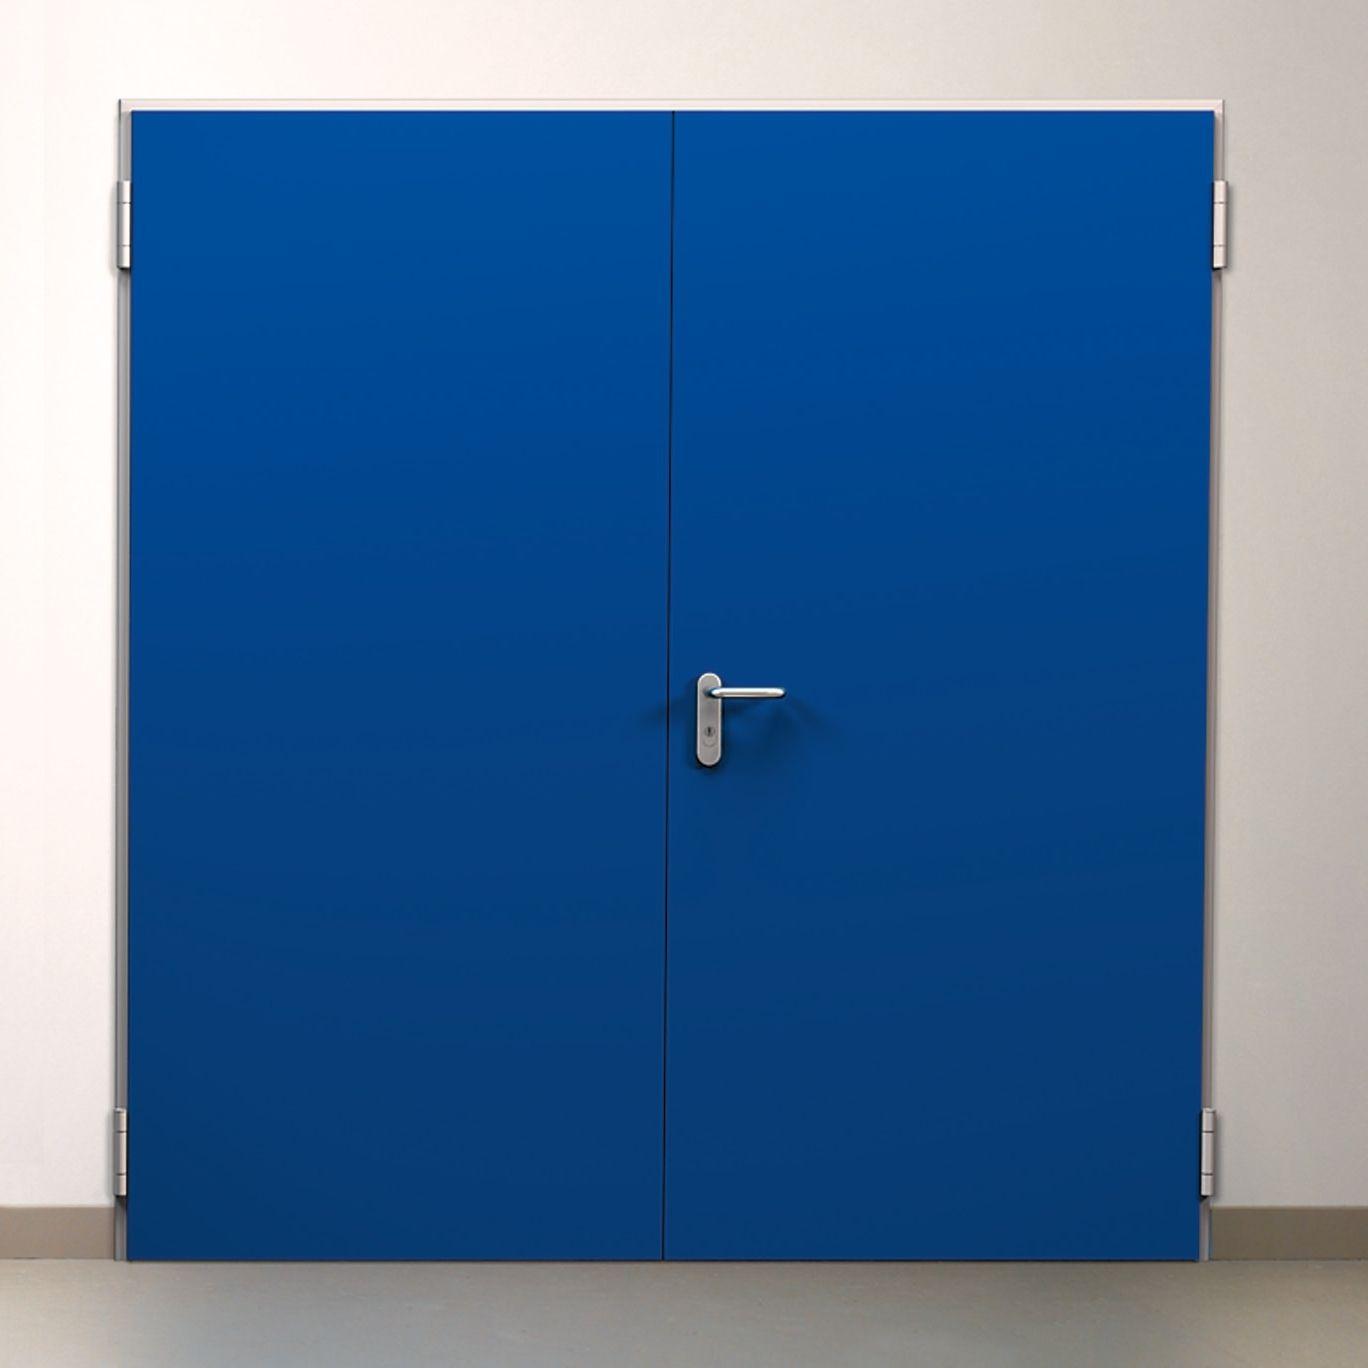 novoferm mehrzweckt ren novoporta premio mz clean er 1 und plano ais. Black Bedroom Furniture Sets. Home Design Ideas